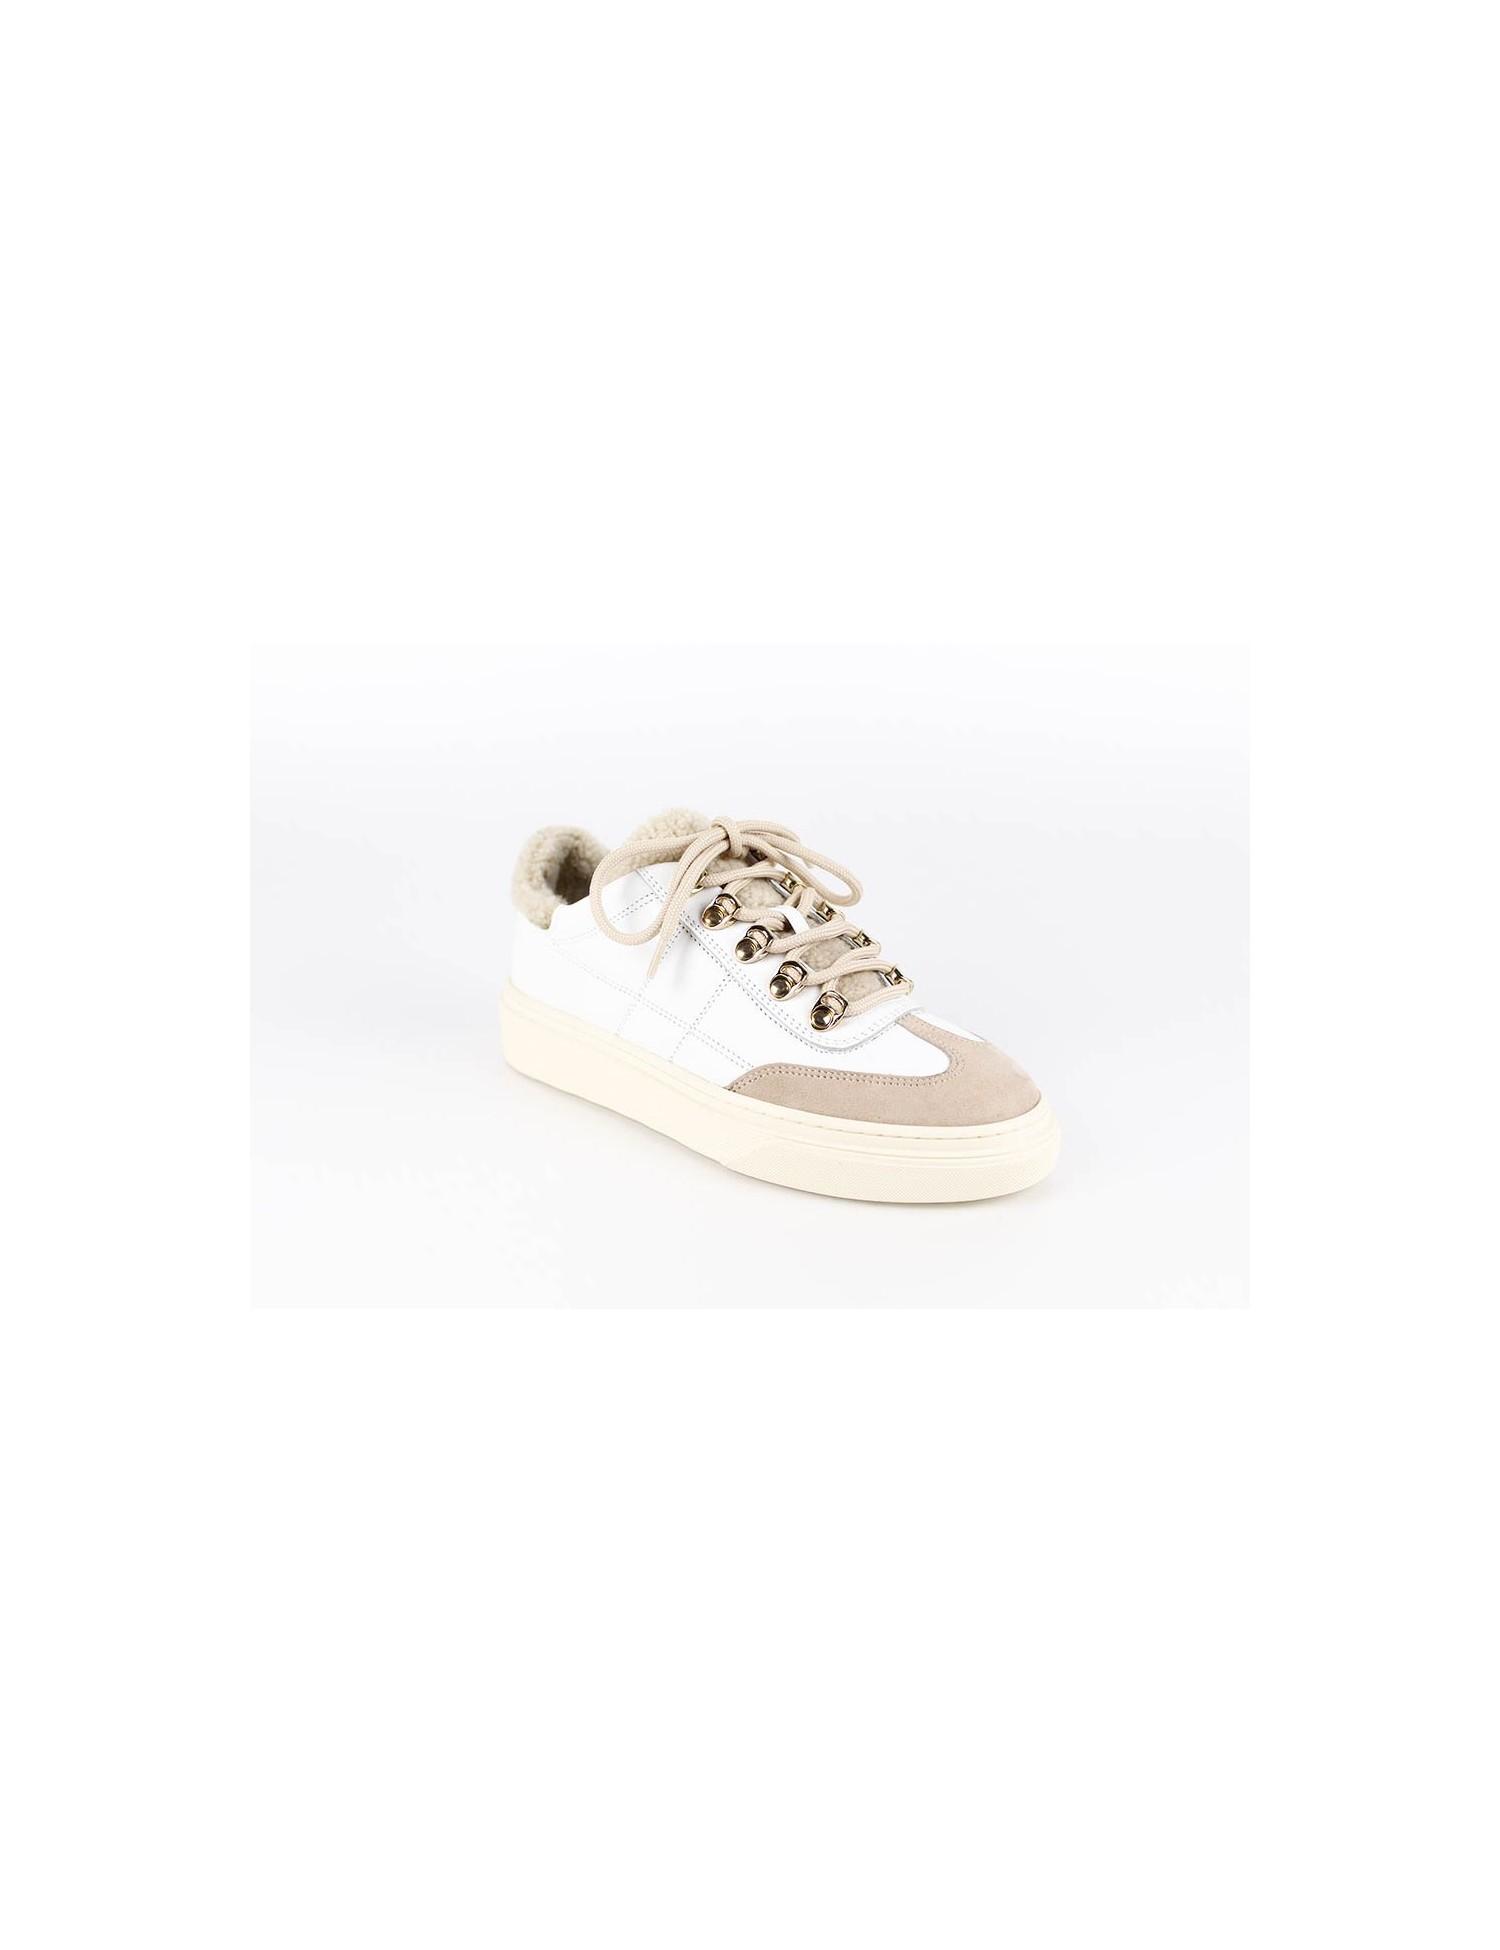 meilleures baskets c6d43 e925b Baskets H340 Chaussure Pour Femme - SNEAKERS - HOGAN | Prêt-à-port...